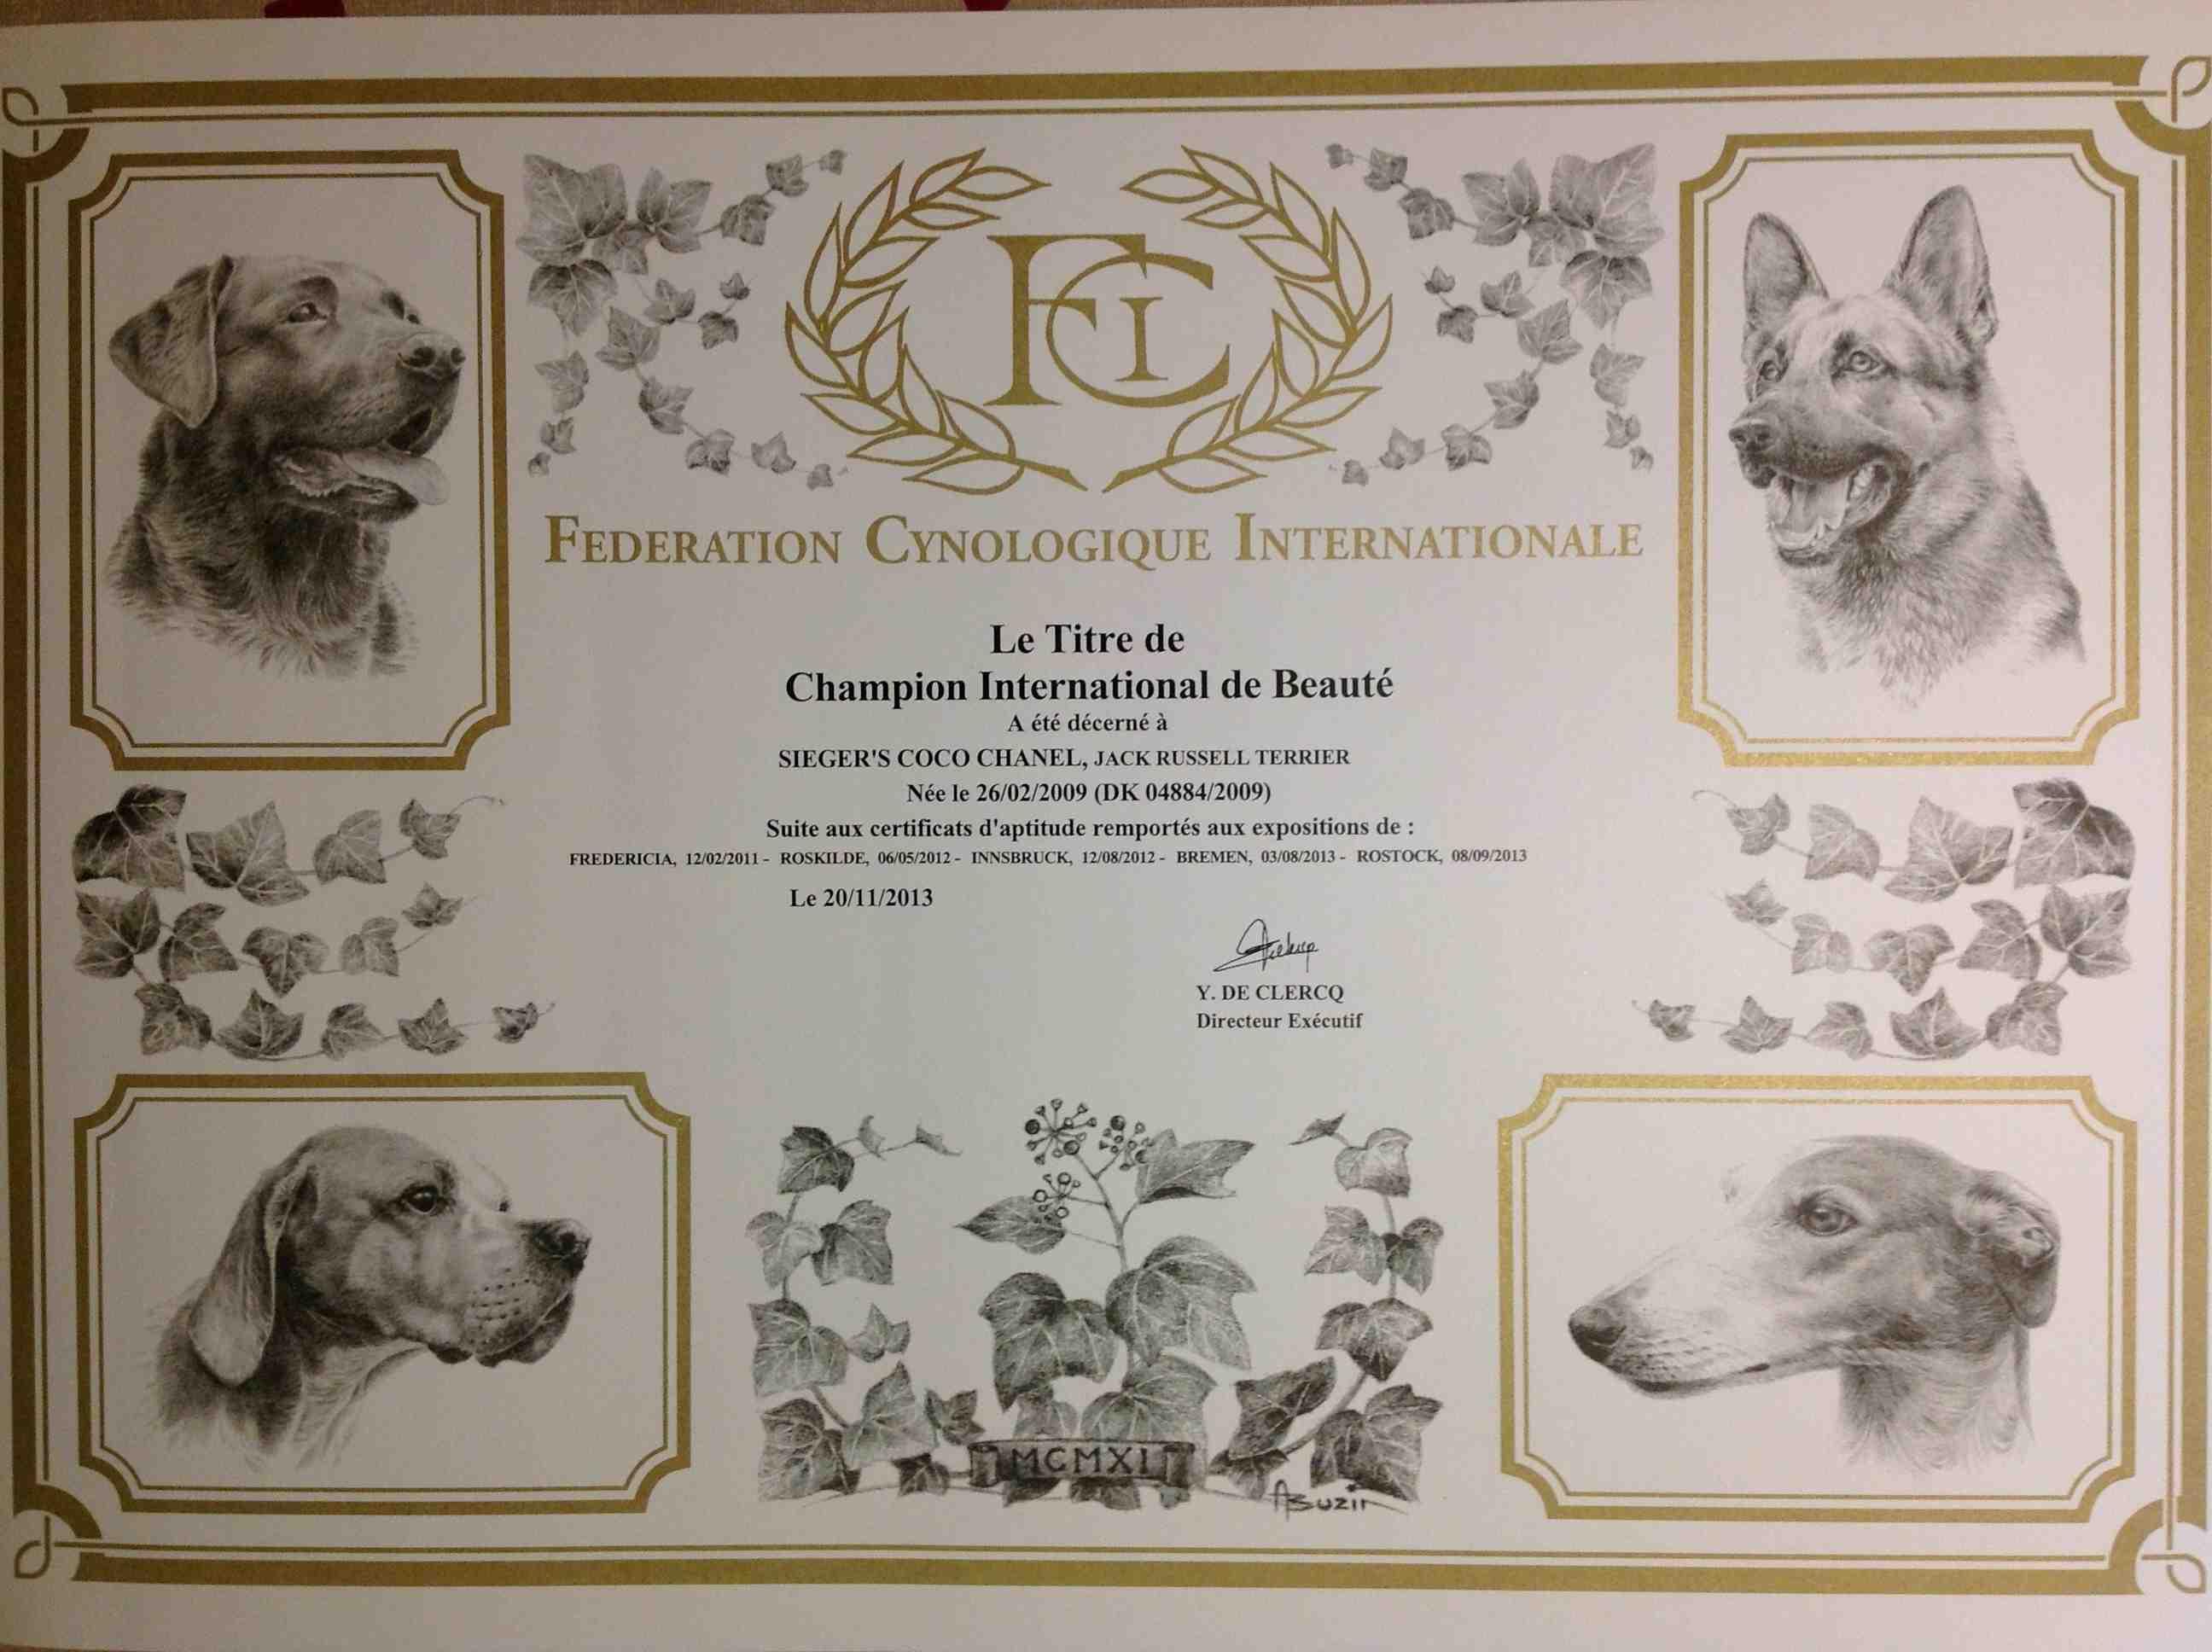 jack russell terrier - kennel jackstars debf6ce13ded